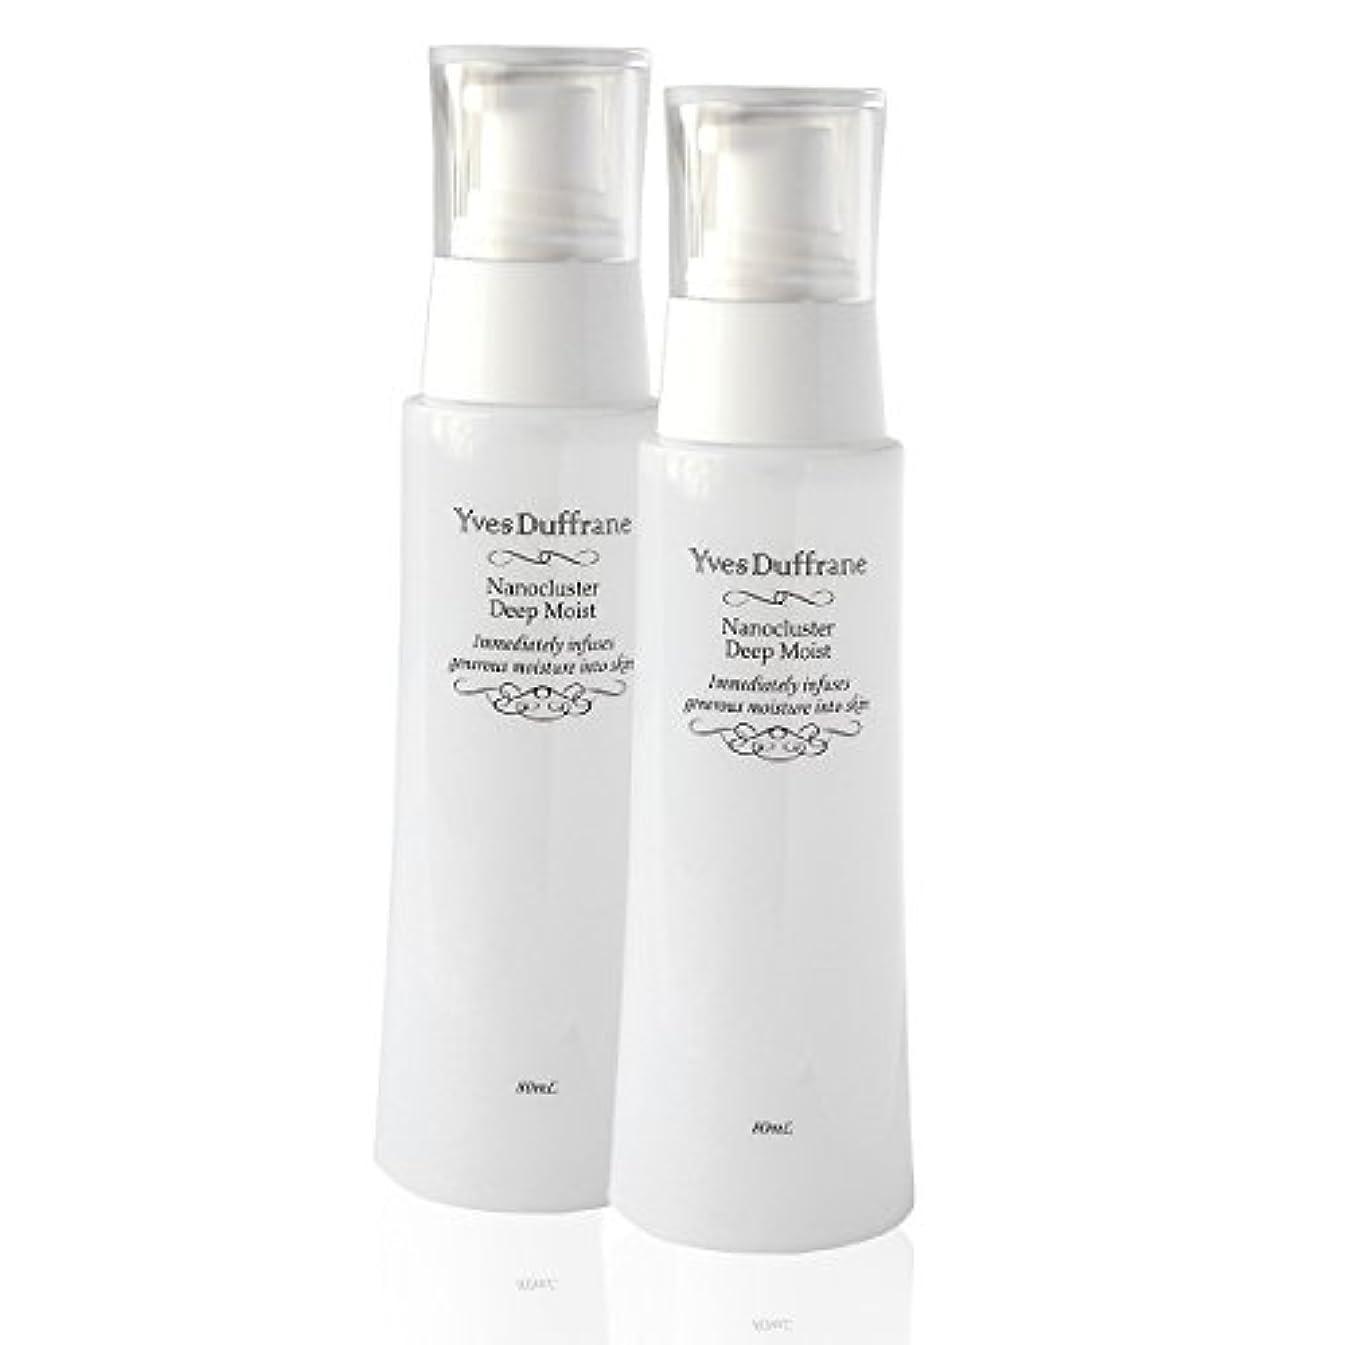 カップル電気ガイドライン化粧水 ( ナノ化粧水 2点セット)ナノ化 スクワラン 乾燥 毛穴 敏感肌 高保湿 高浸透 高品質 メンズ OK